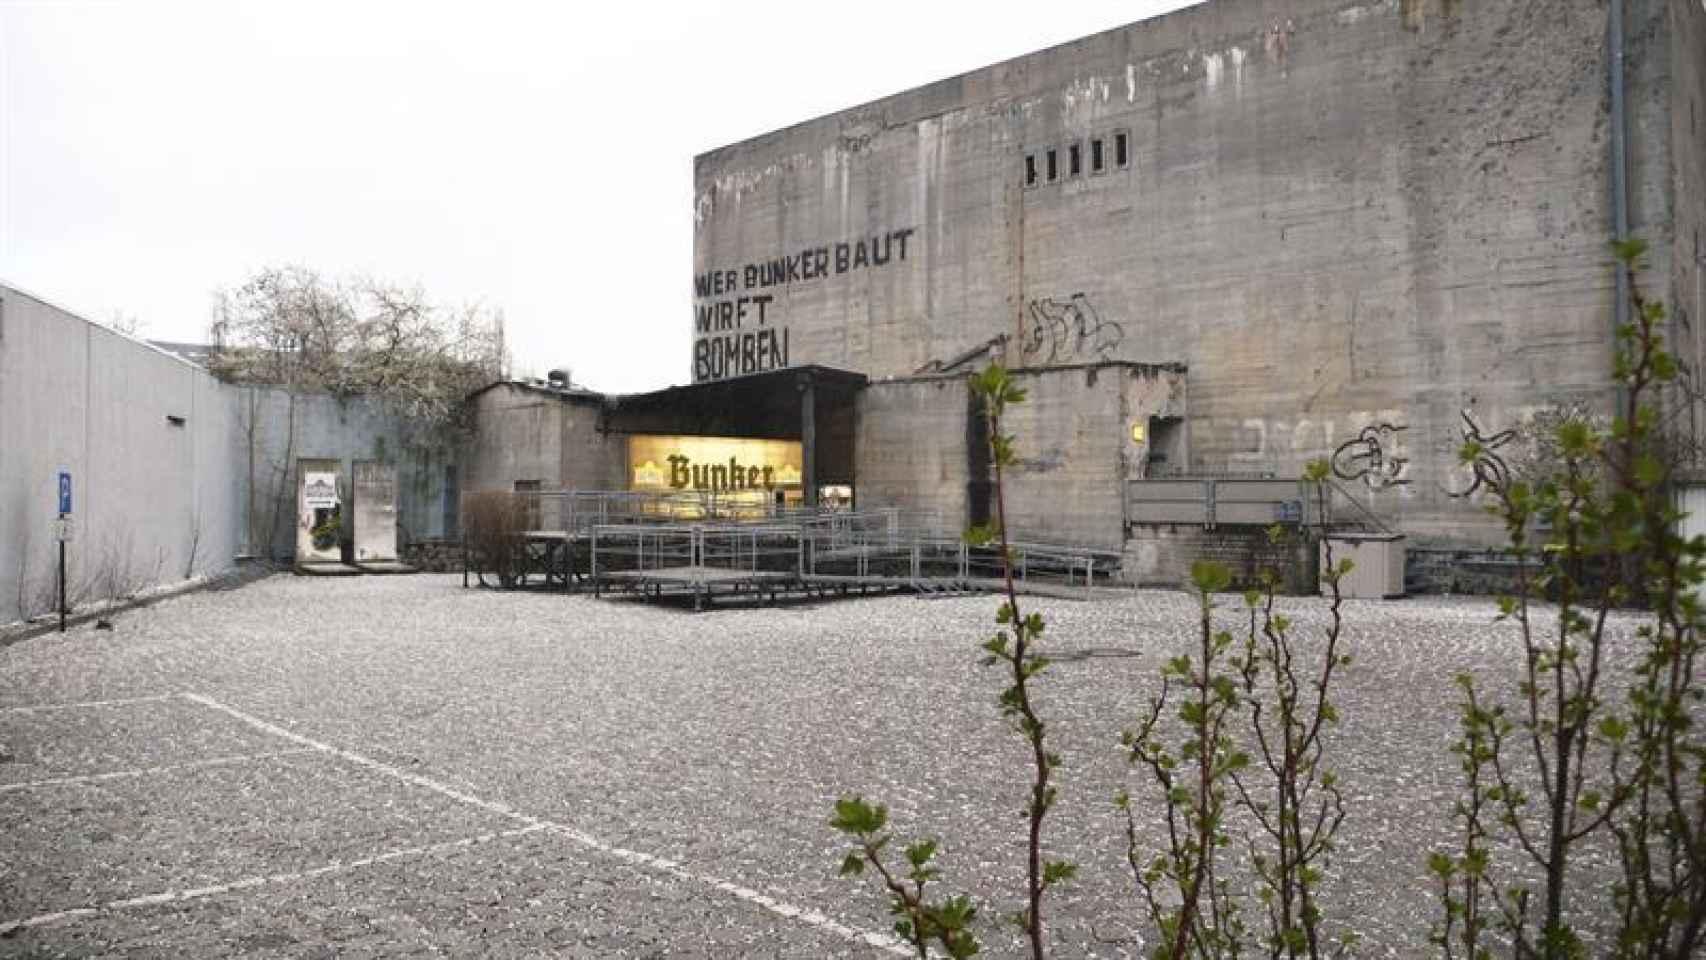 Fotografía facilitada por Historiale eV de una réplica del estudio de Adolf Hitler donde se suicidó.